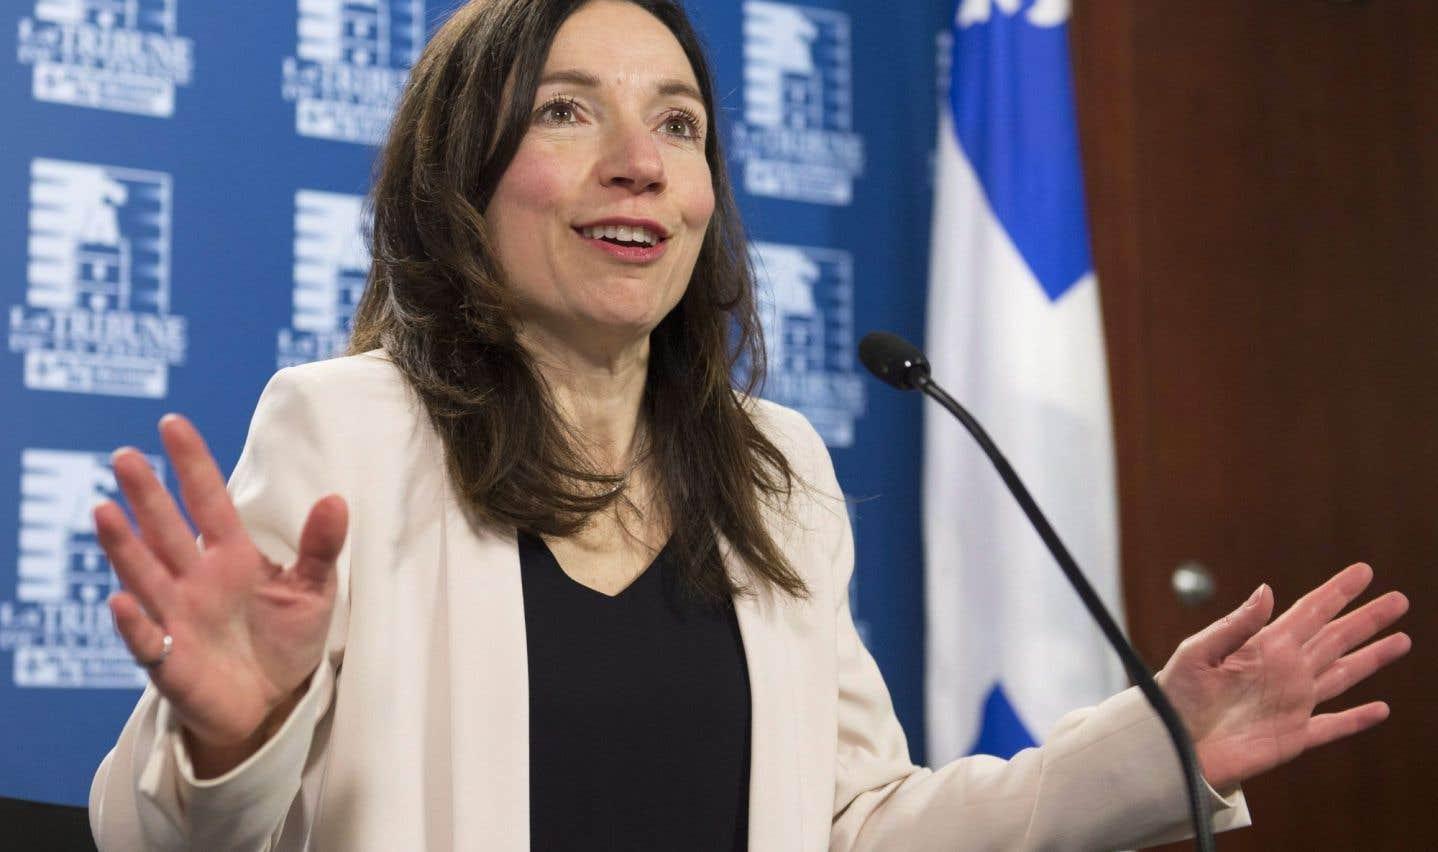 Martine Ouellet est couronnée chef du Bloc québécois